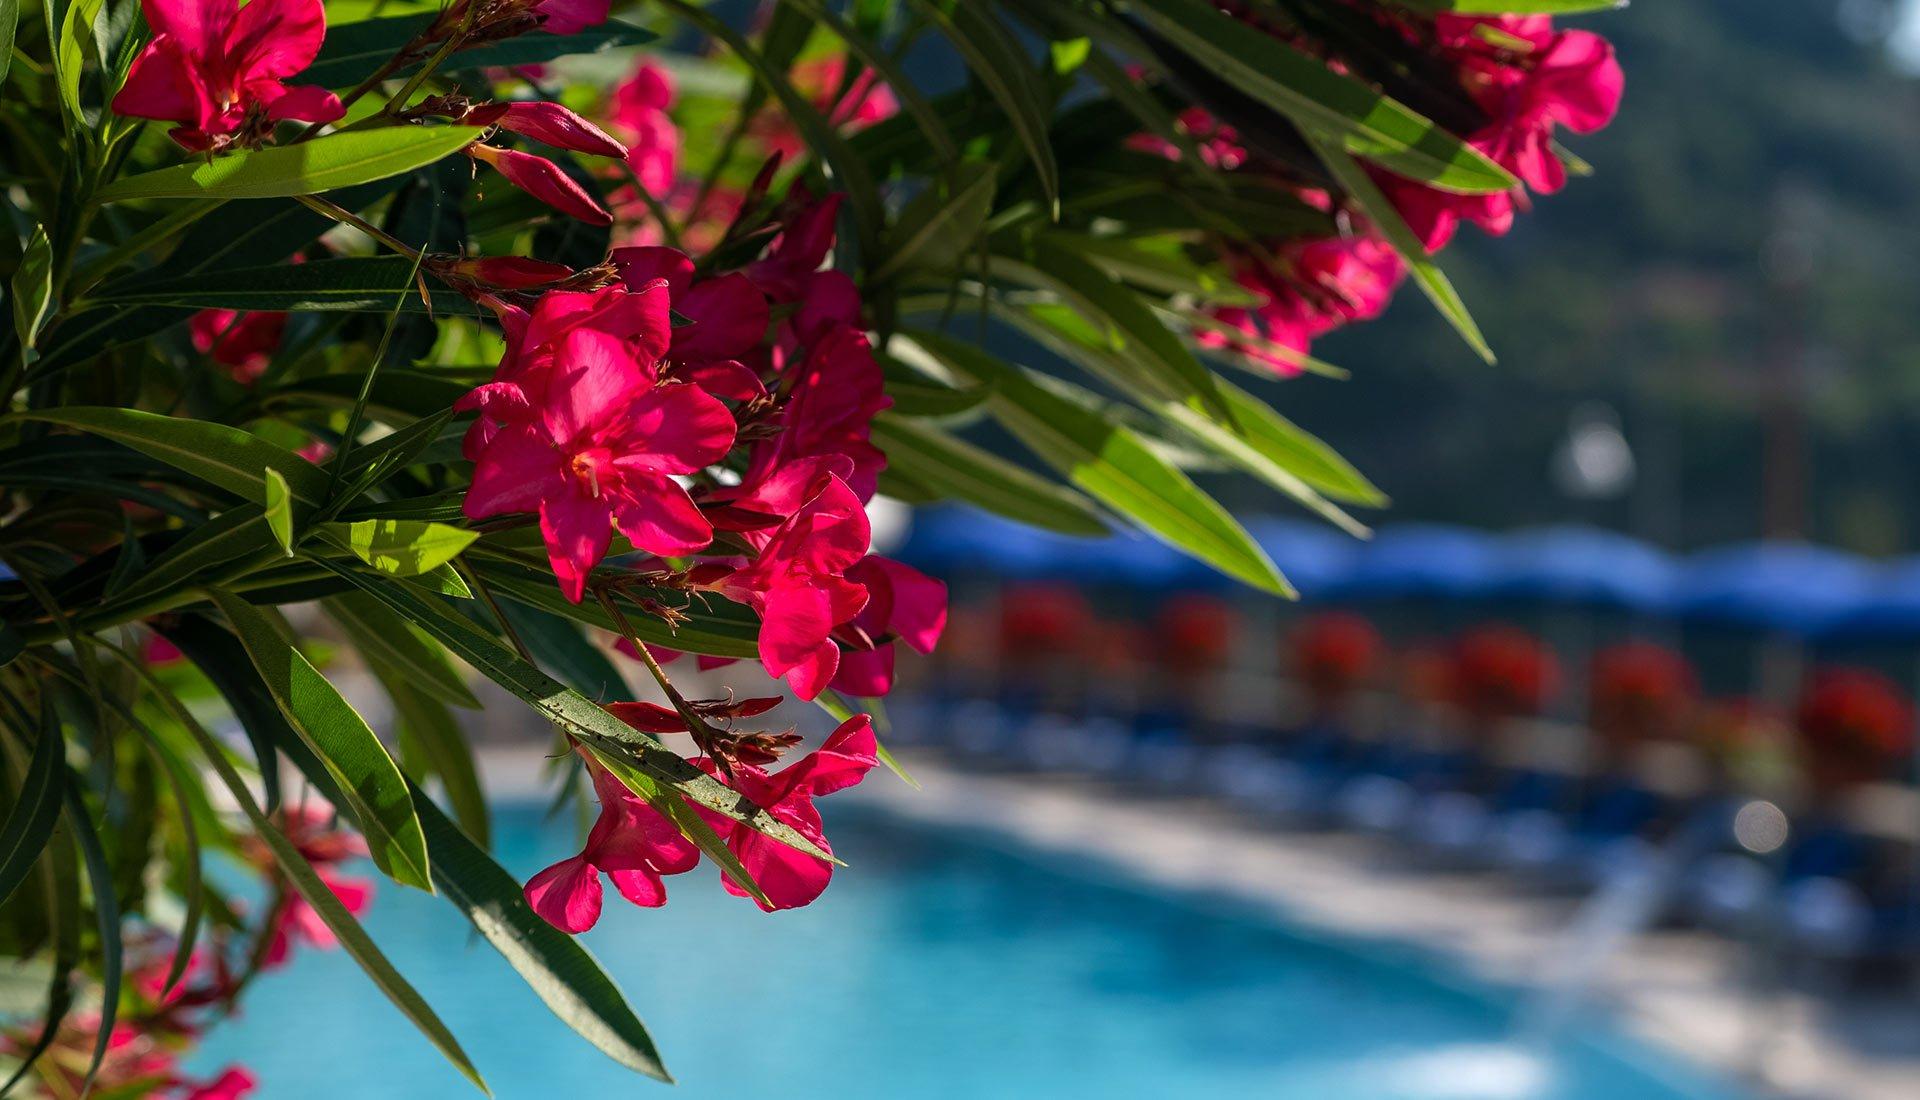 albergo-sanlorenzo_piscine_album_03